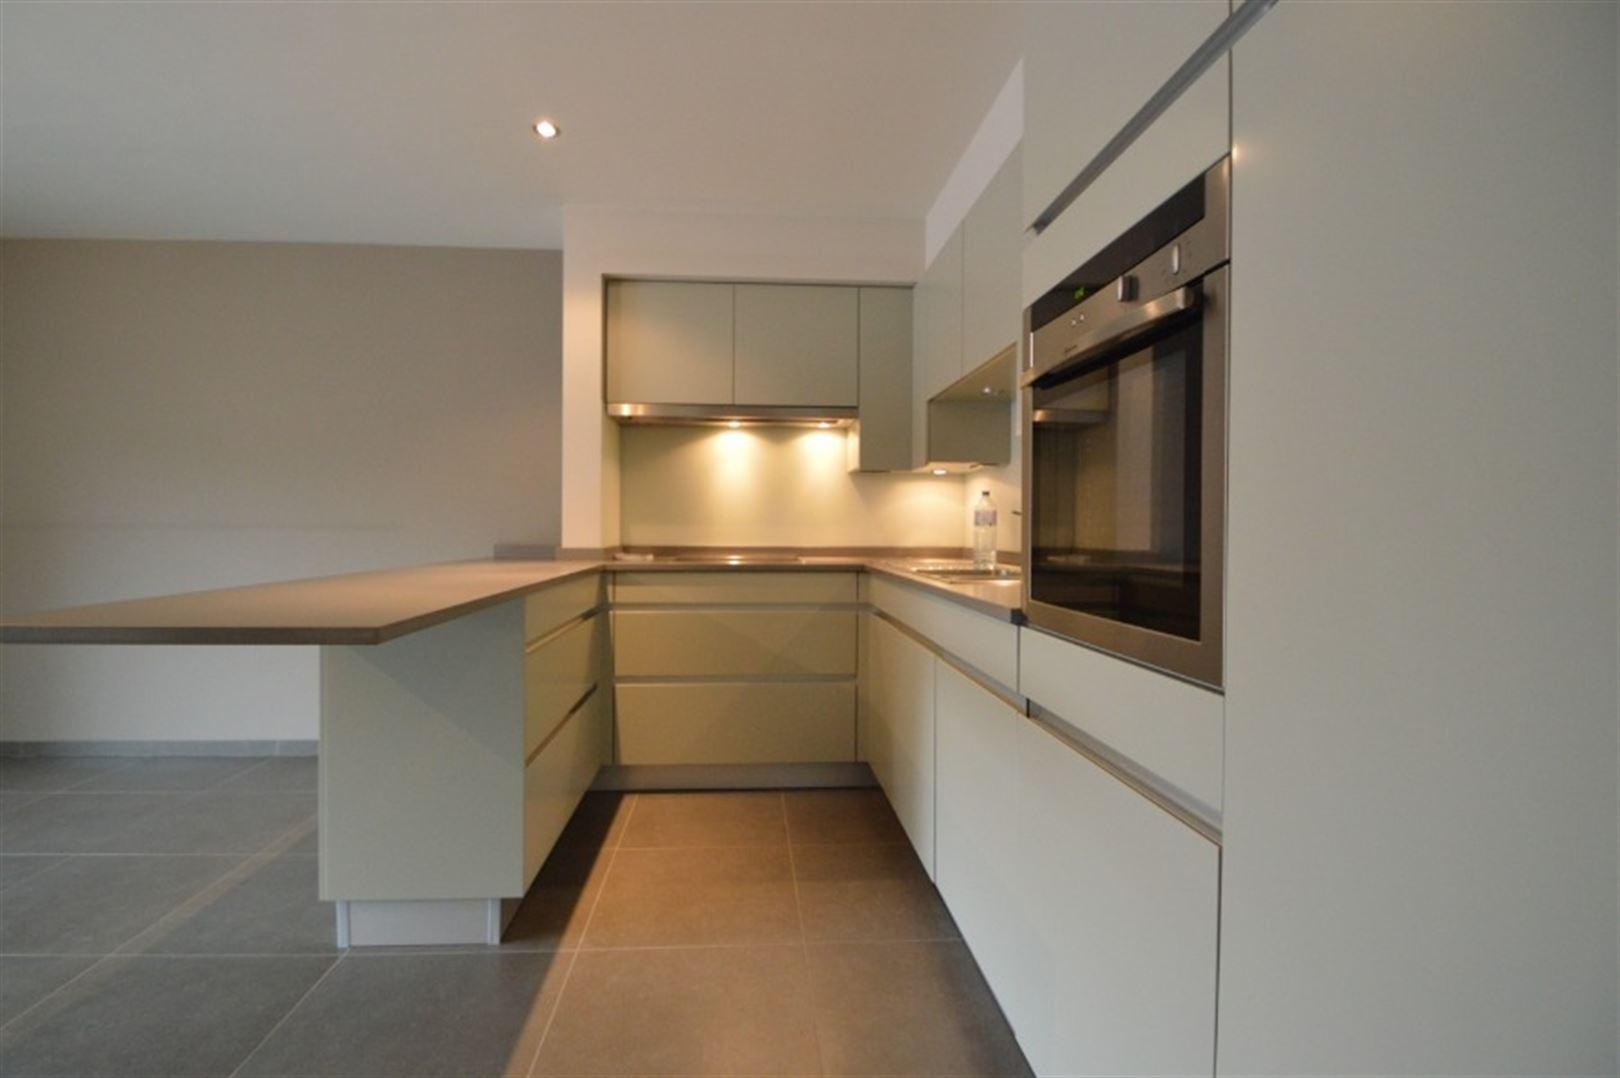 Foto 9 : Appartement te 9240 Zele (België) - Prijs € 725